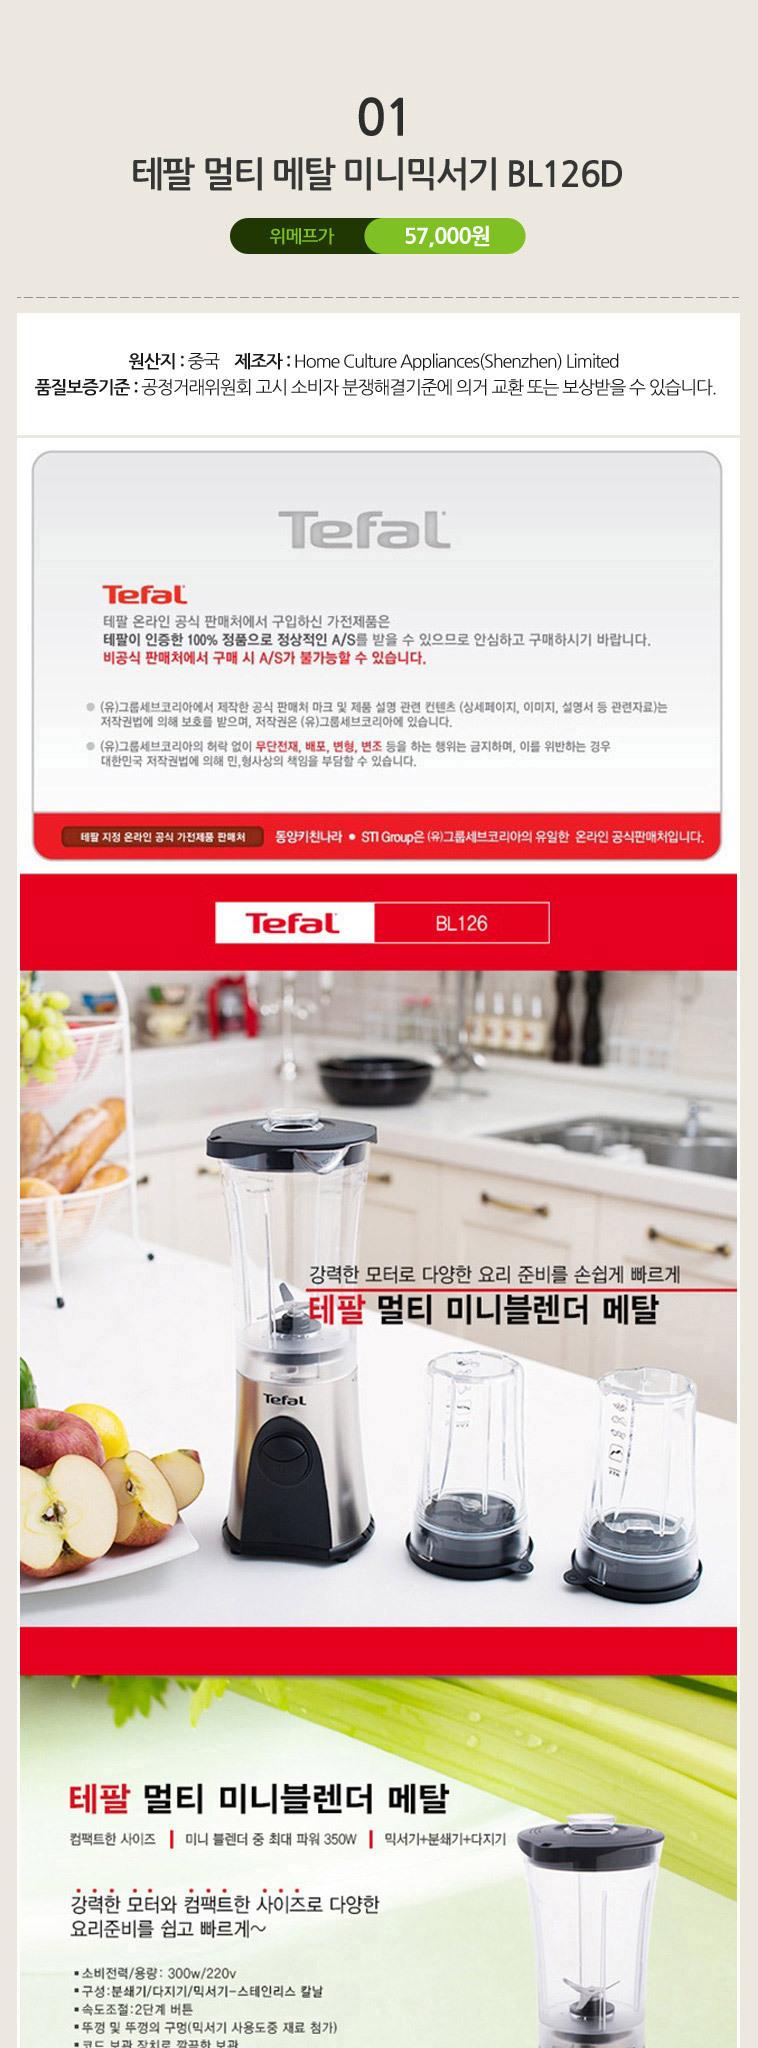 테팔 미니 블렌더 BL126D - 상세정보